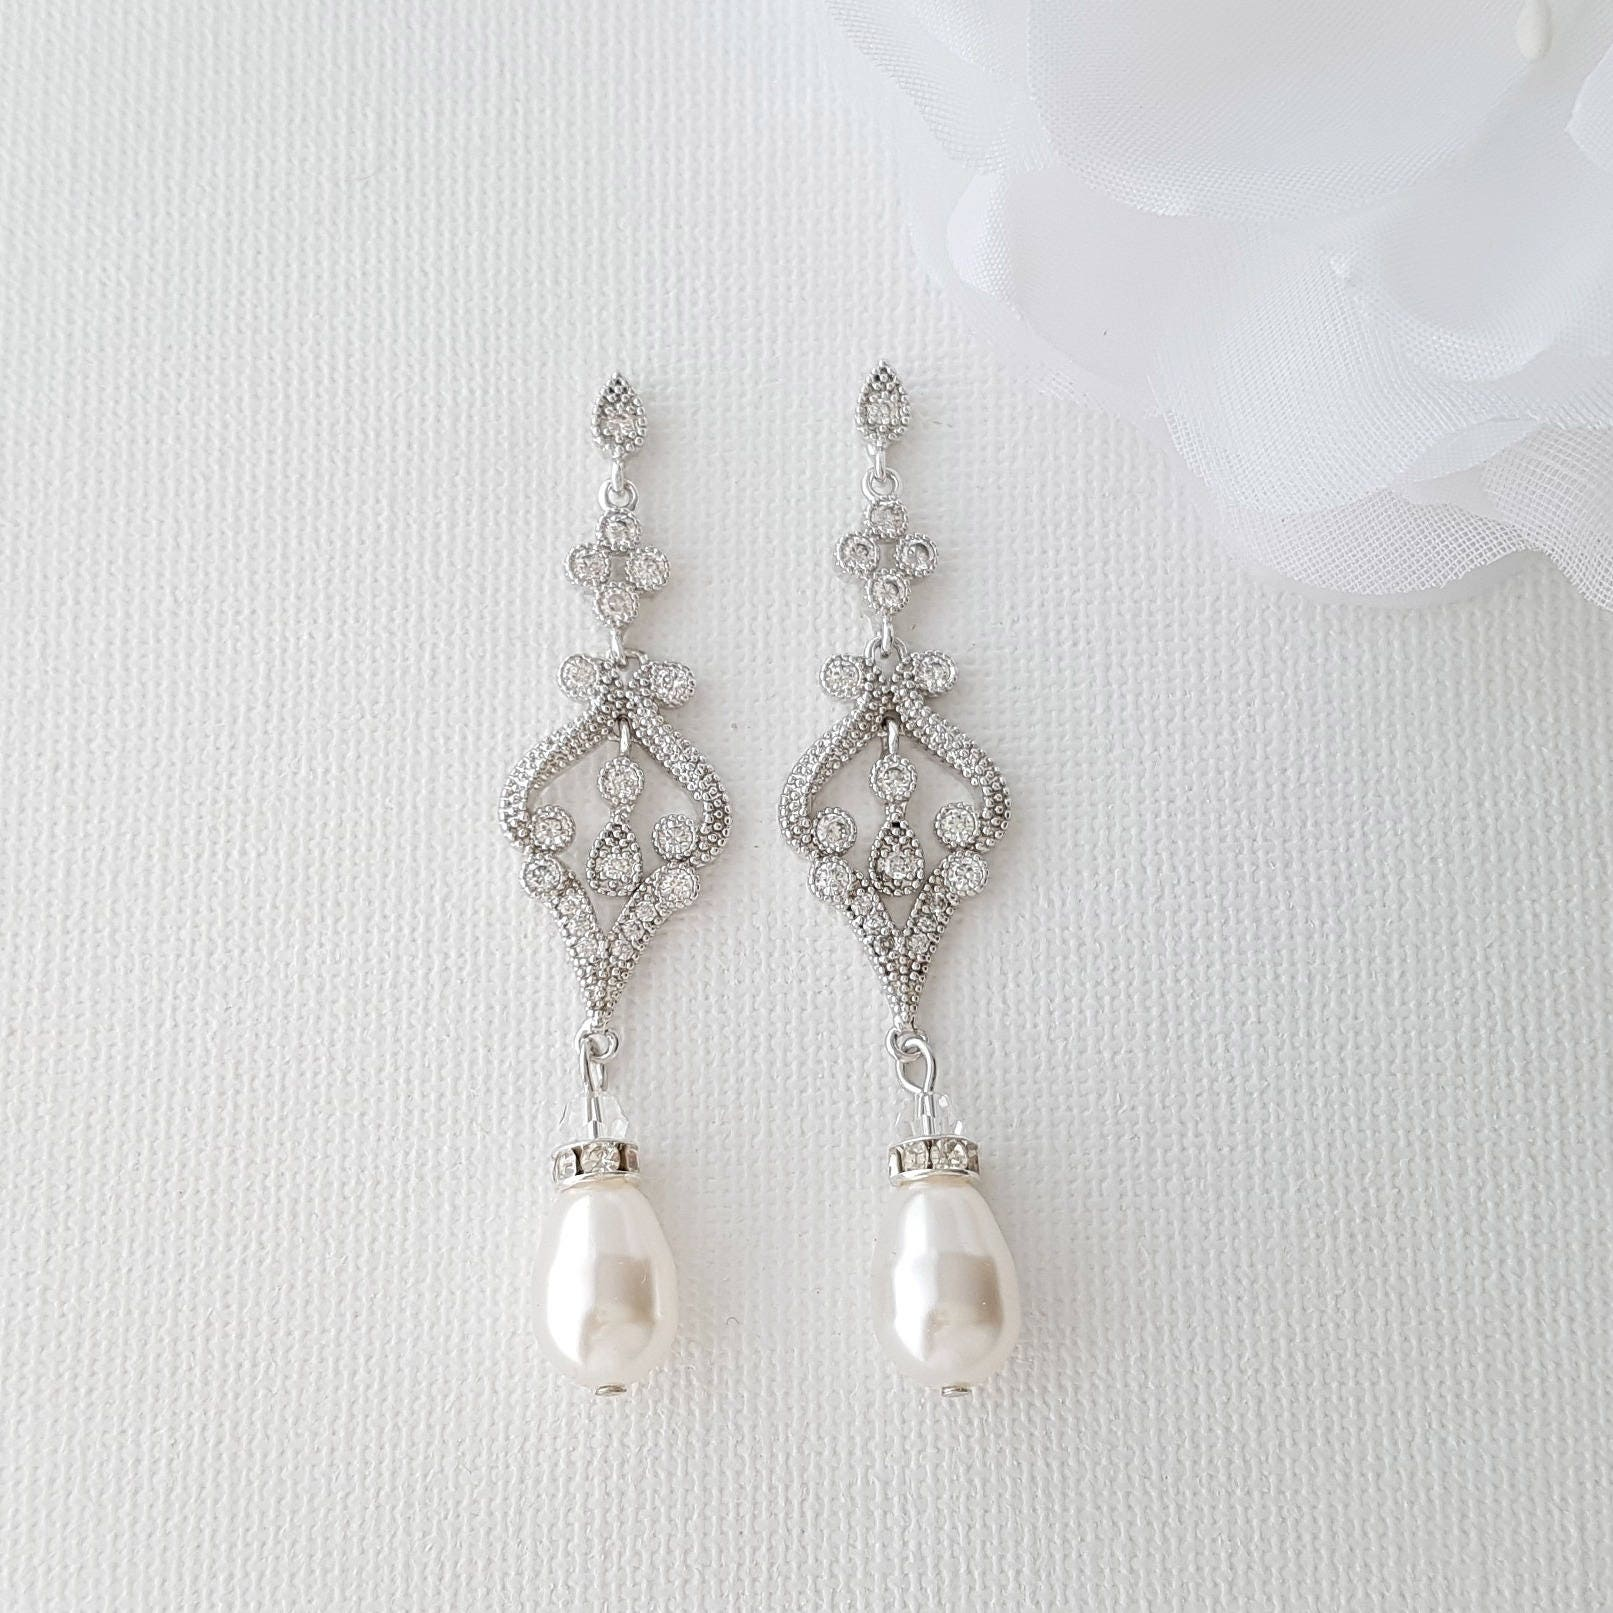 Vintage Style Earrings: Vintage Style Wedding Earrings Pearl Wedding Jewelry Bridal